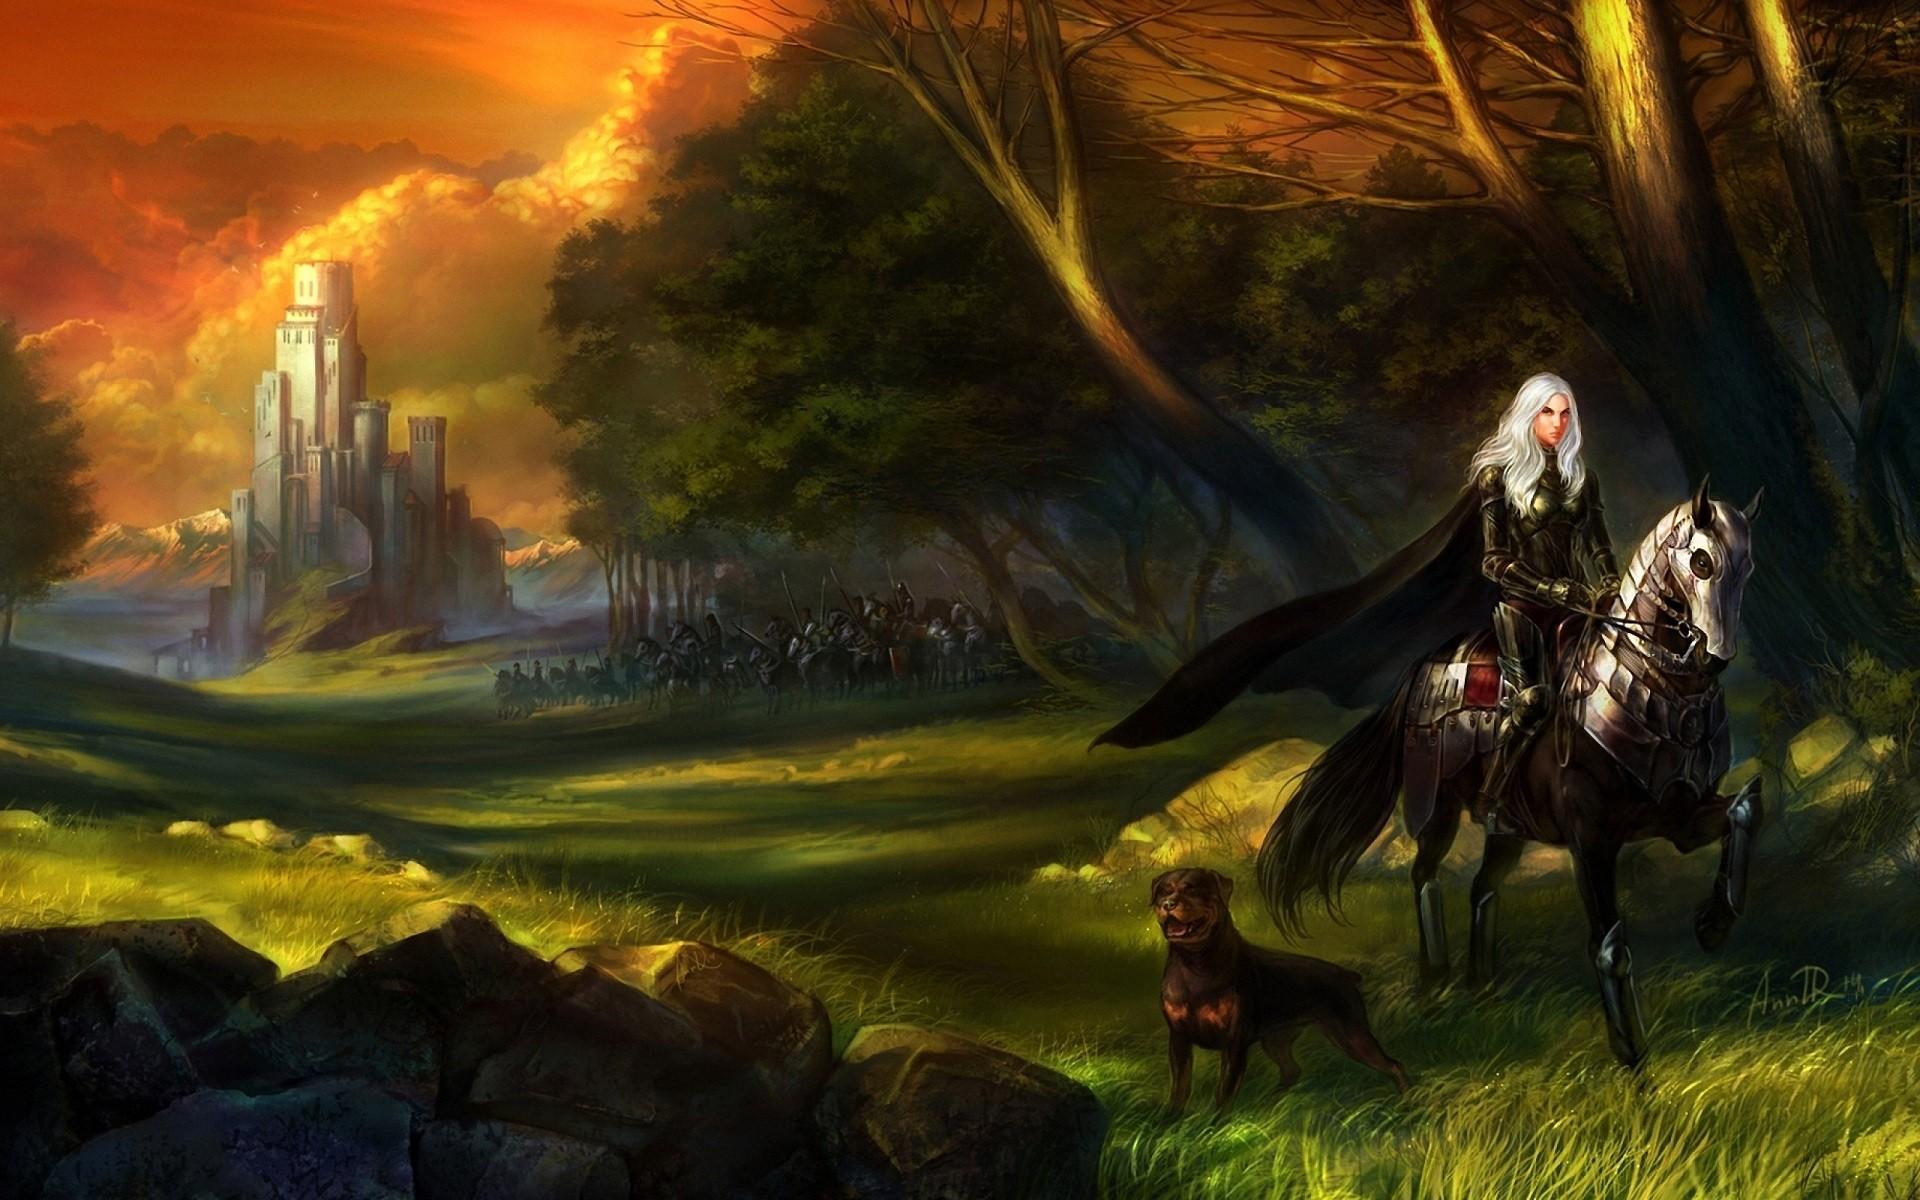 Wallpaper Trees Forest Women Fantasy Art White Hair Knight